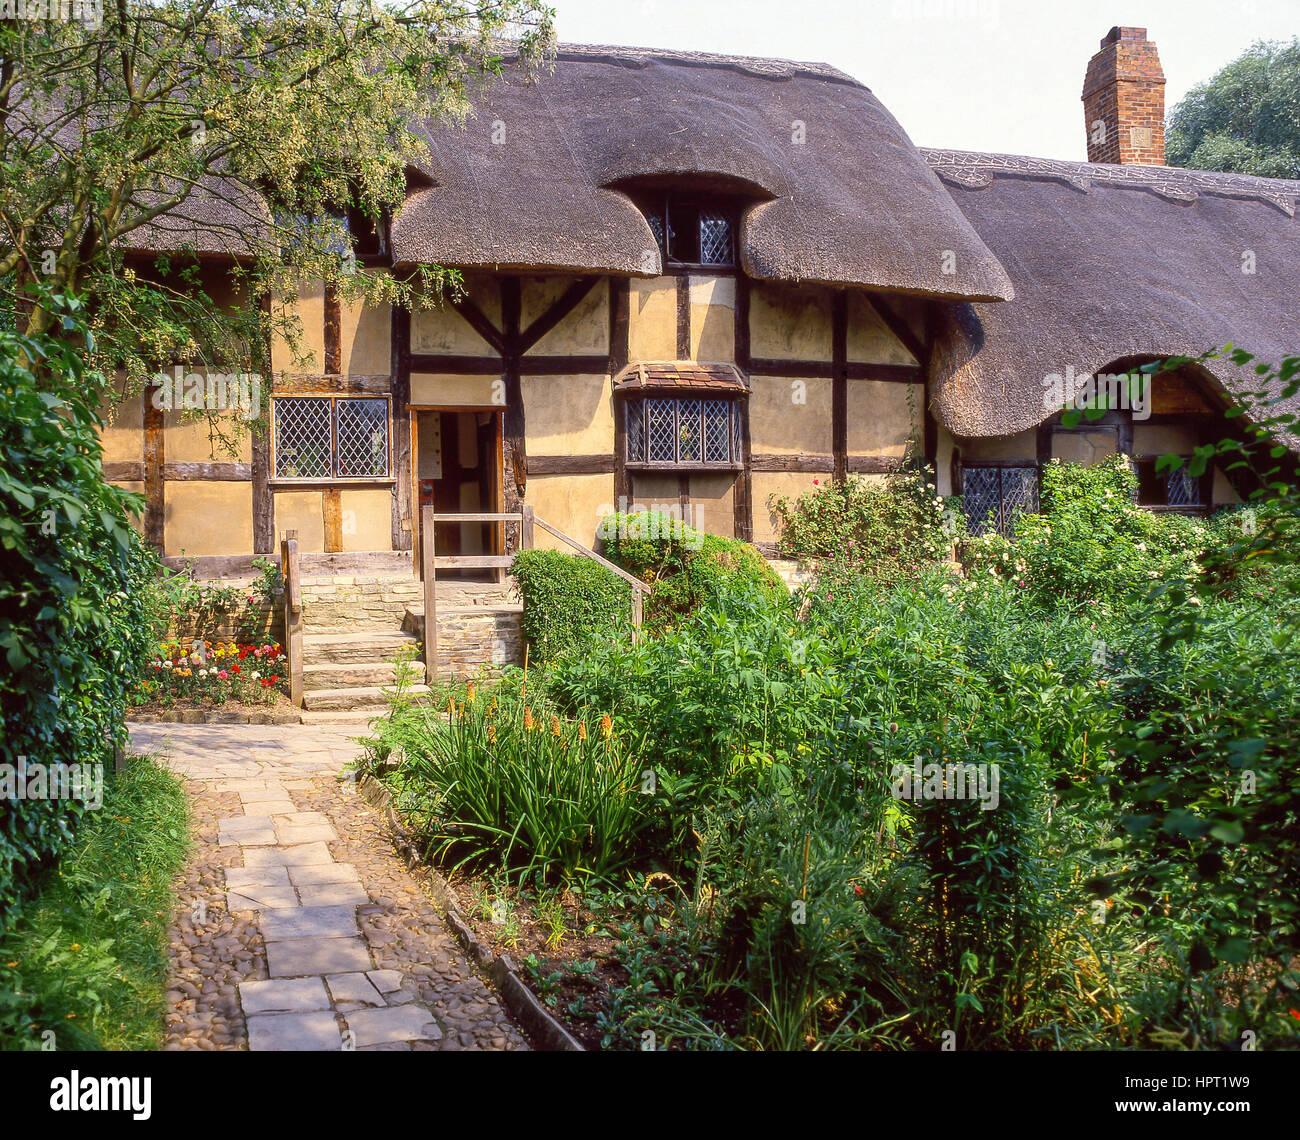 Anne Hathaway Cottage Stock Photos & Anne Hathaway Cottage